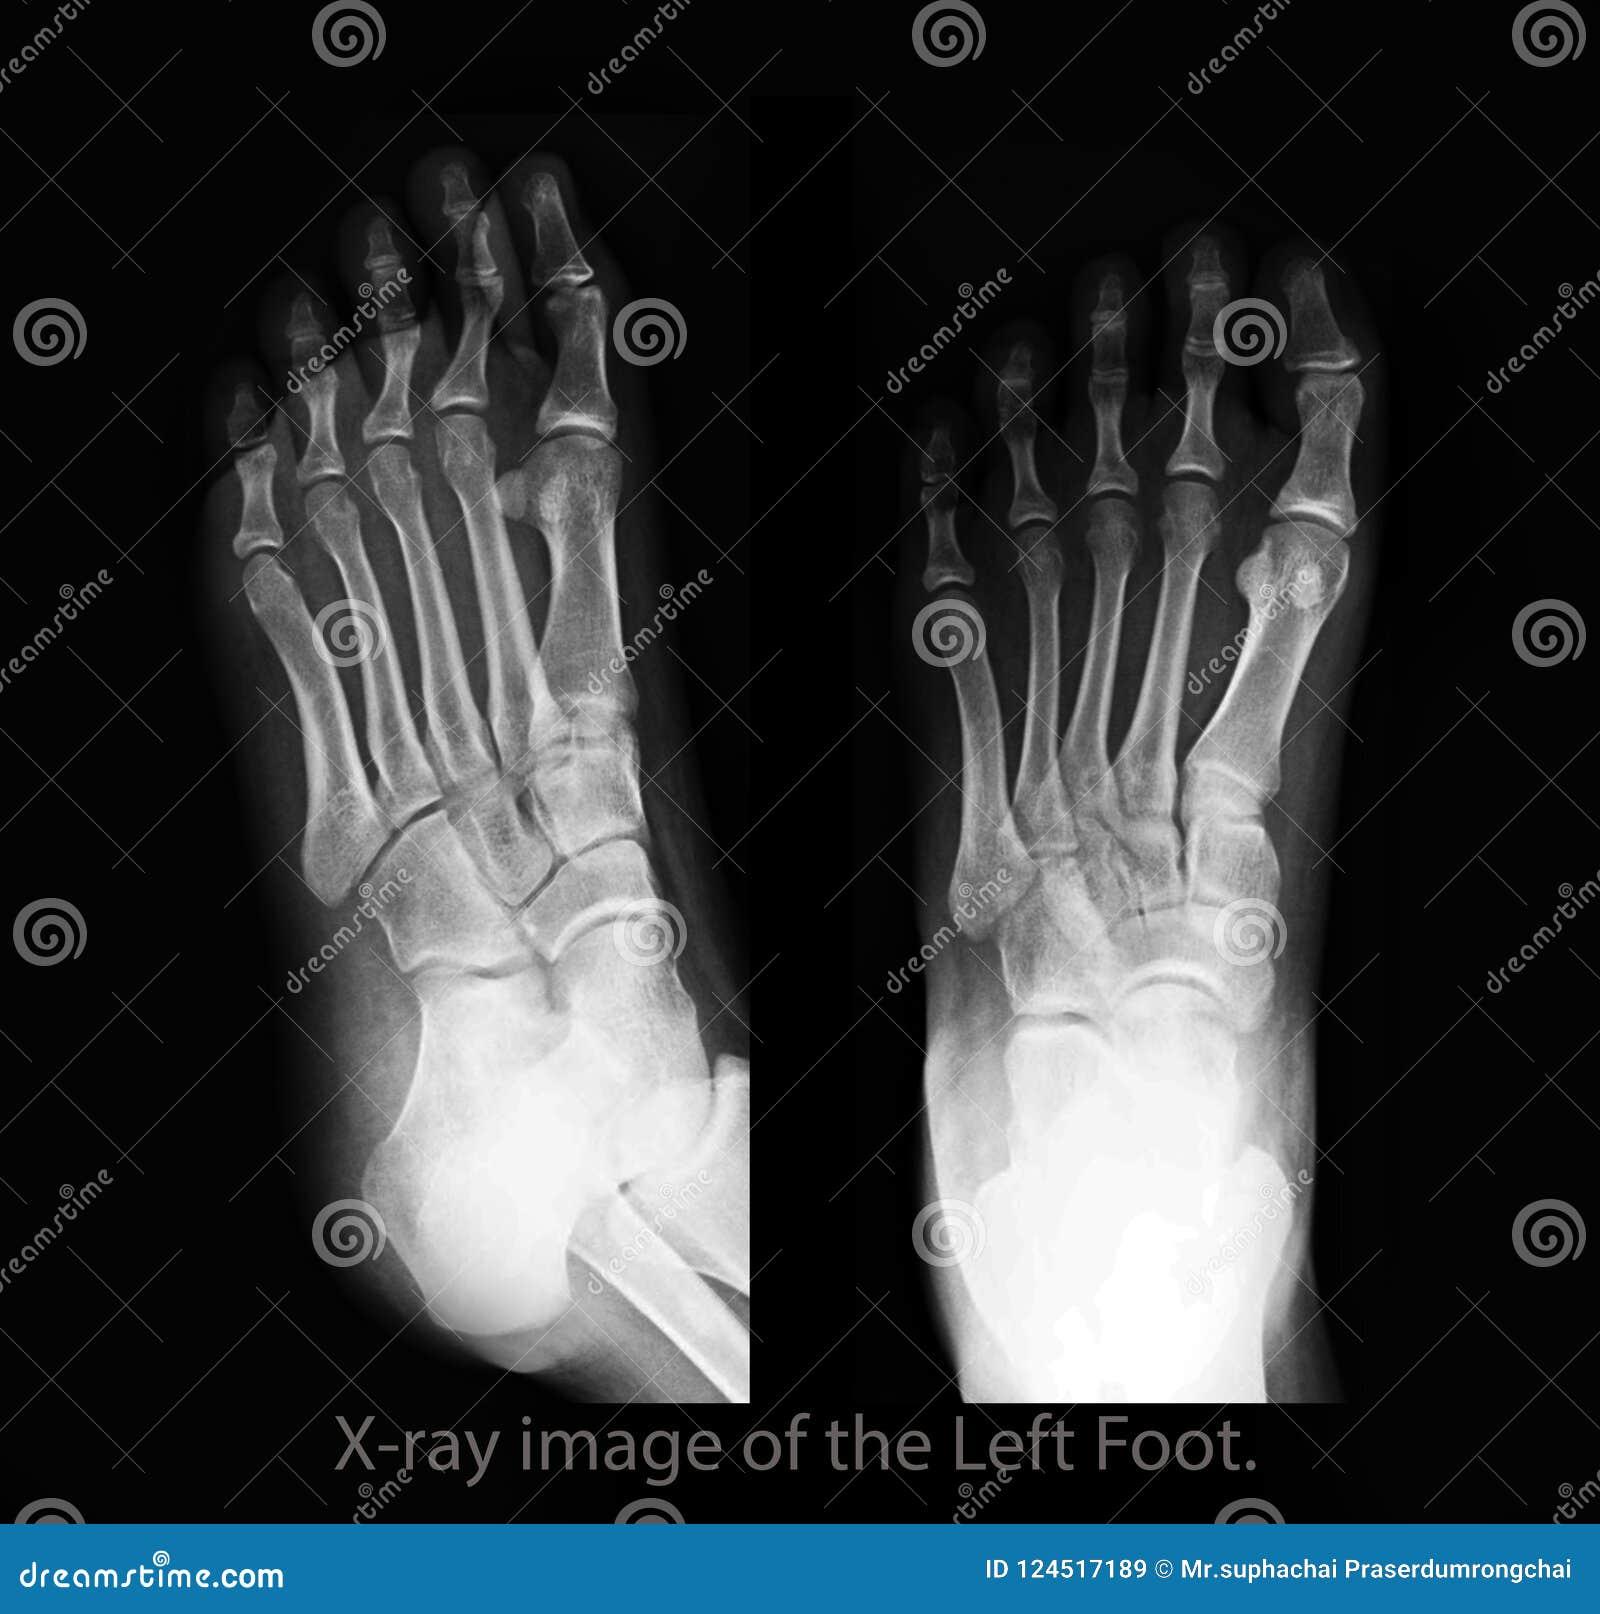 Arthrite Gouty filmez le rayon X de la vue de côté avant et de pied gauche